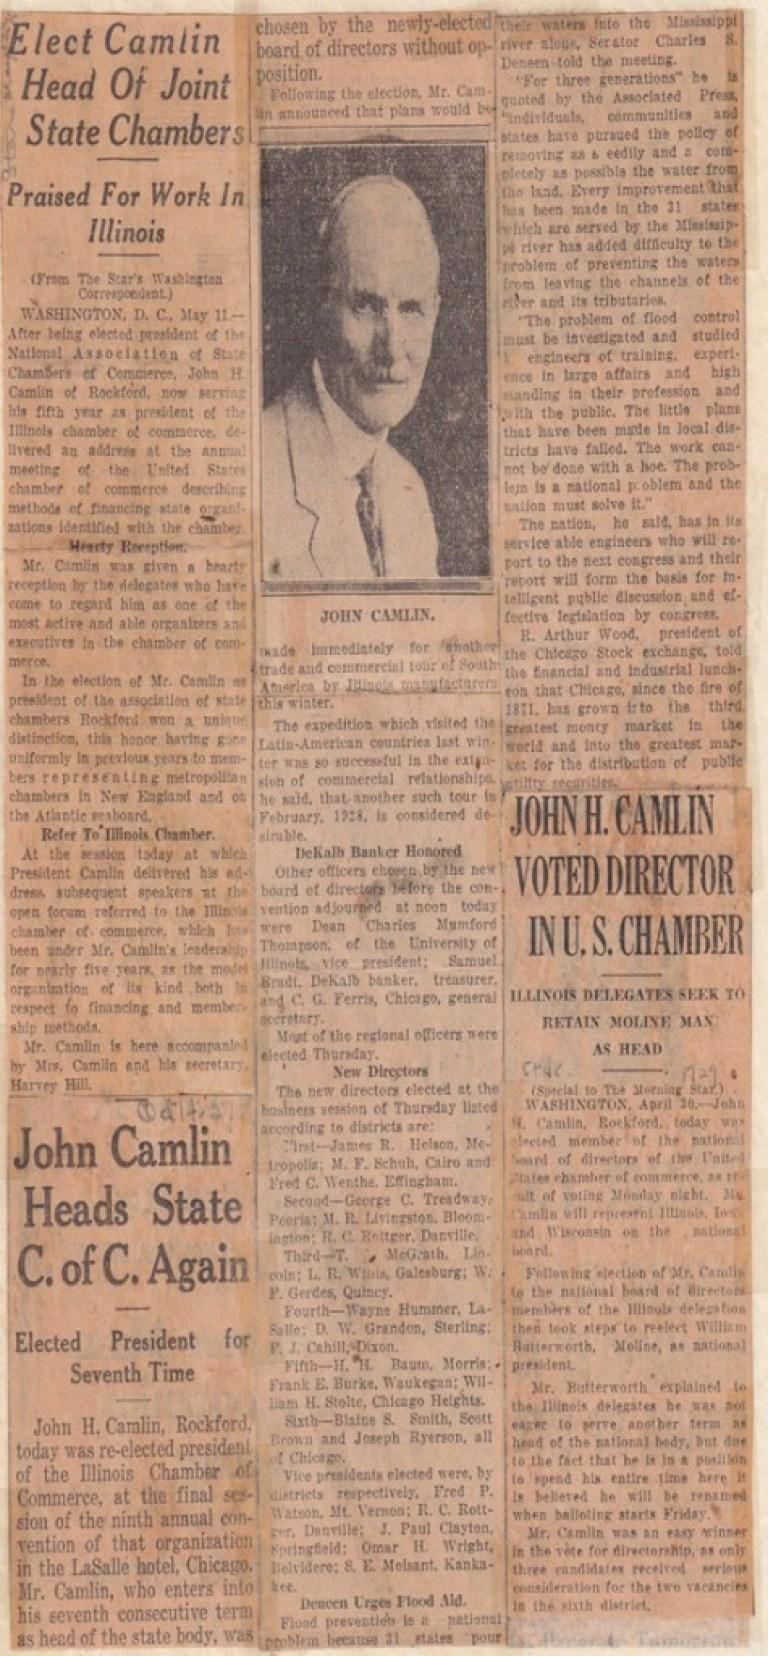 John Camlin, 1526 Harlem Boulevard